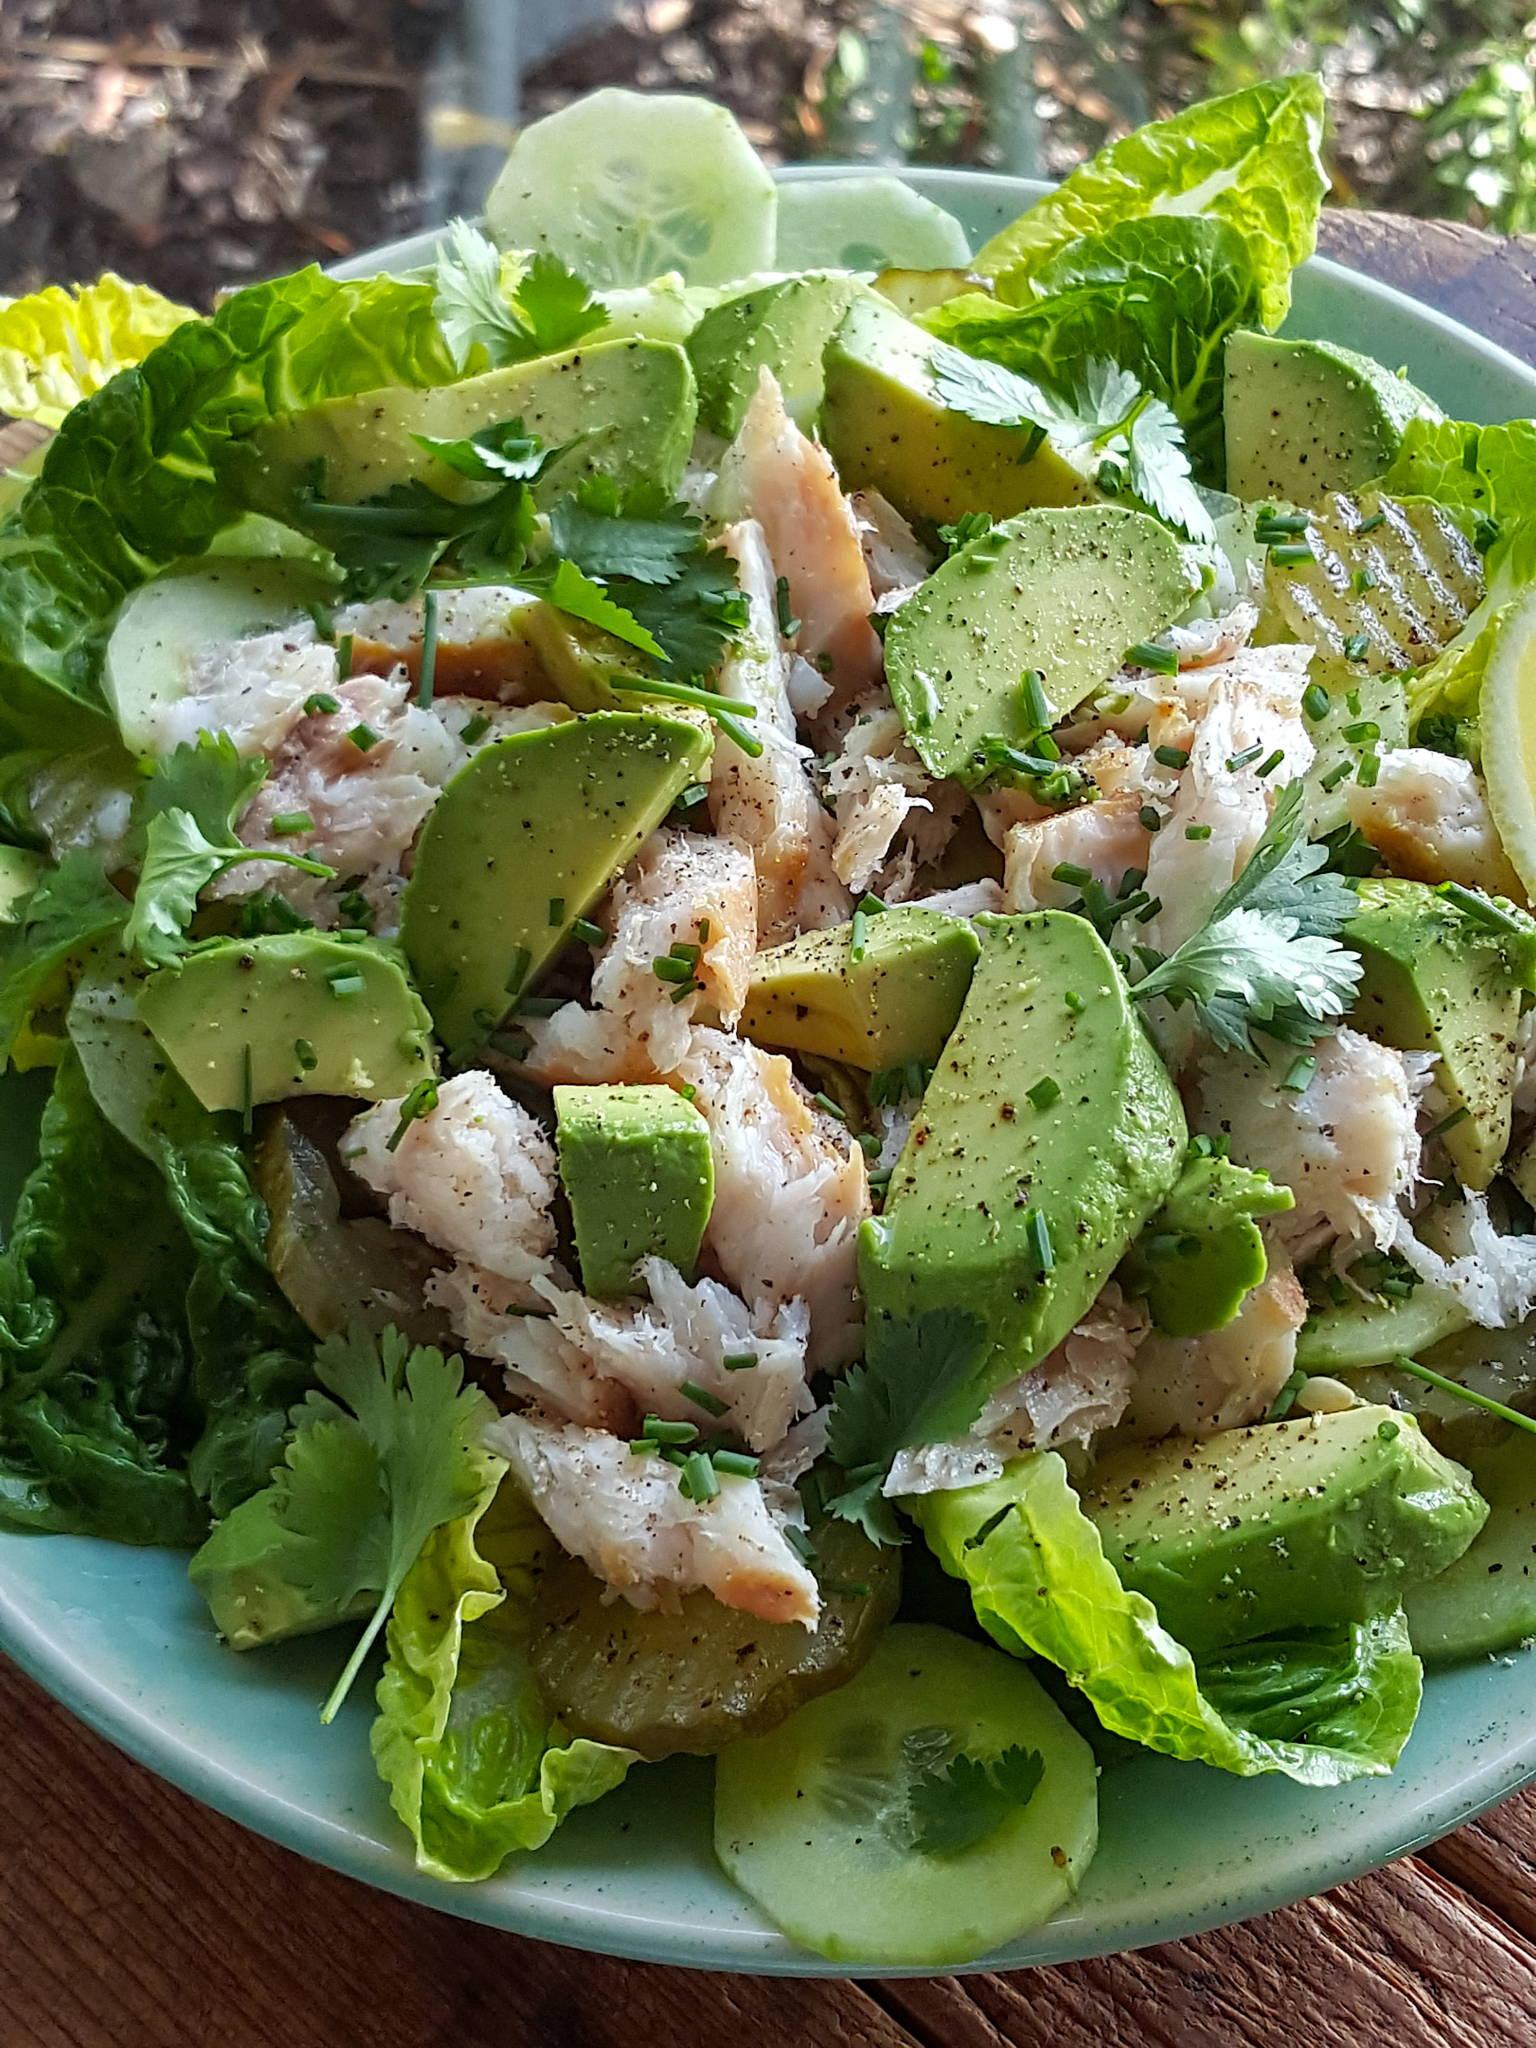 Smoked Fish & Avocado Salad